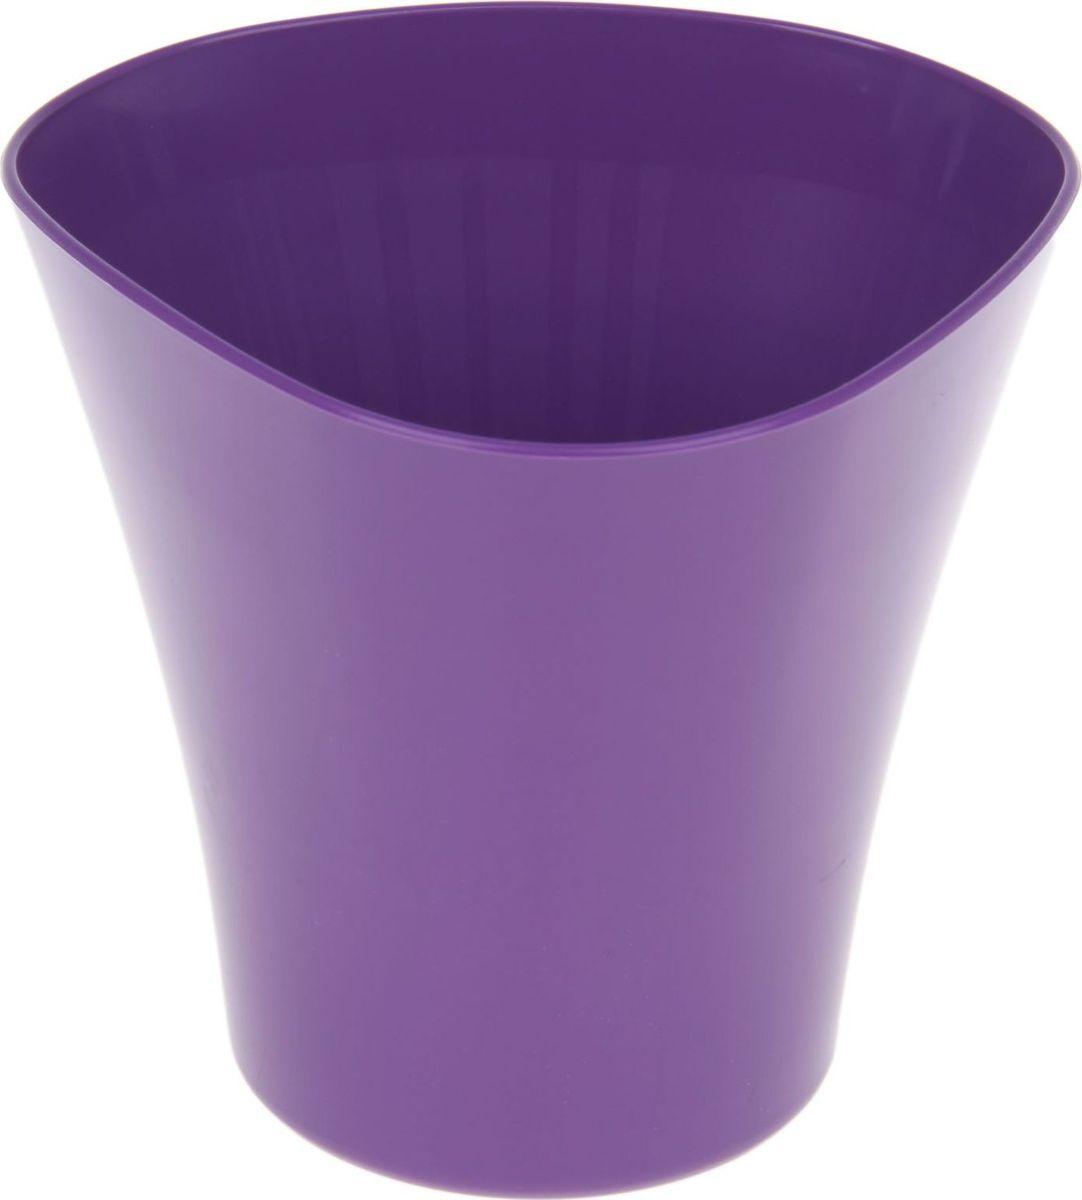 Кашпо JetPlast Волна, цвет: фиолетовый, 3 лZ-0307Любой, даже самый современный и продуманный интерьер будет не завершённым без растений. Они не только очищают воздух и насыщают его кислородом, но и заметно украшают окружающее пространство. Такому полезному &laquo члену семьи&raquoпросто необходимо красивое и функциональное кашпо, оригинальный горшок или необычная ваза! Мы предлагаем - Кашпо 3 л Волна, цвет фиолетовый!Оптимальный выбор материала &mdash &nbsp пластмасса! Почему мы так считаем? Малый вес. С лёгкостью переносите горшки и кашпо с места на место, ставьте их на столики или полки, подвешивайте под потолок, не беспокоясь о нагрузке. Простота ухода. Пластиковые изделия не нуждаются в специальных условиях хранения. Их&nbsp легко чистить &mdashдостаточно просто сполоснуть тёплой водой. Никаких царапин. Пластиковые кашпо не царапают и не загрязняют поверхности, на которых стоят. Пластик дольше хранит влагу, а значит &mdashрастение реже нуждается в поливе. Пластмасса не пропускает воздух &mdashкорневой системе растения не грозят резкие перепады температур. Огромный выбор форм, декора и расцветок &mdashвы без труда подберёте что-то, что идеально впишется в уже существующий интерьер.Соблюдая нехитрые правила ухода, вы можете заметно продлить срок службы горшков, вазонов и кашпо из пластика: всегда учитывайте размер кроны и корневой системы растения (при разрастании большое растение способно повредить маленький горшок)берегите изделие от воздействия прямых солнечных лучей, чтобы кашпо и горшки не выцветалидержите кашпо и горшки из пластика подальше от нагревающихся поверхностей.Создавайте прекрасные цветочные композиции, выращивайте рассаду или необычные растения, а низкие цены позволят вам не ограничивать себя в выборе.